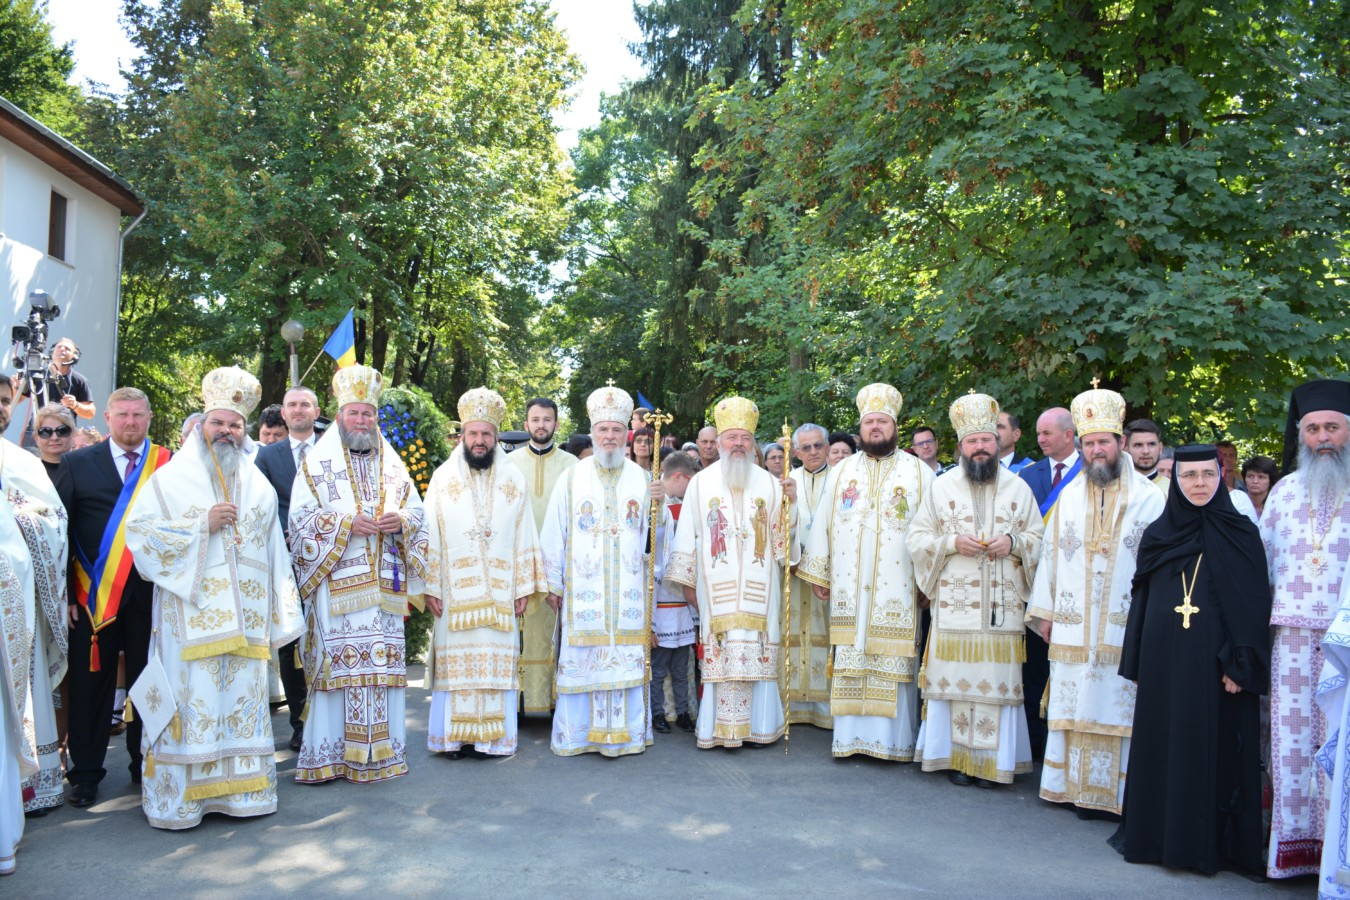 Mănăstirea Mihai Vodă din Turda, sfinţită de 9 ierarhi ai Bisericii Ortodoxe Române